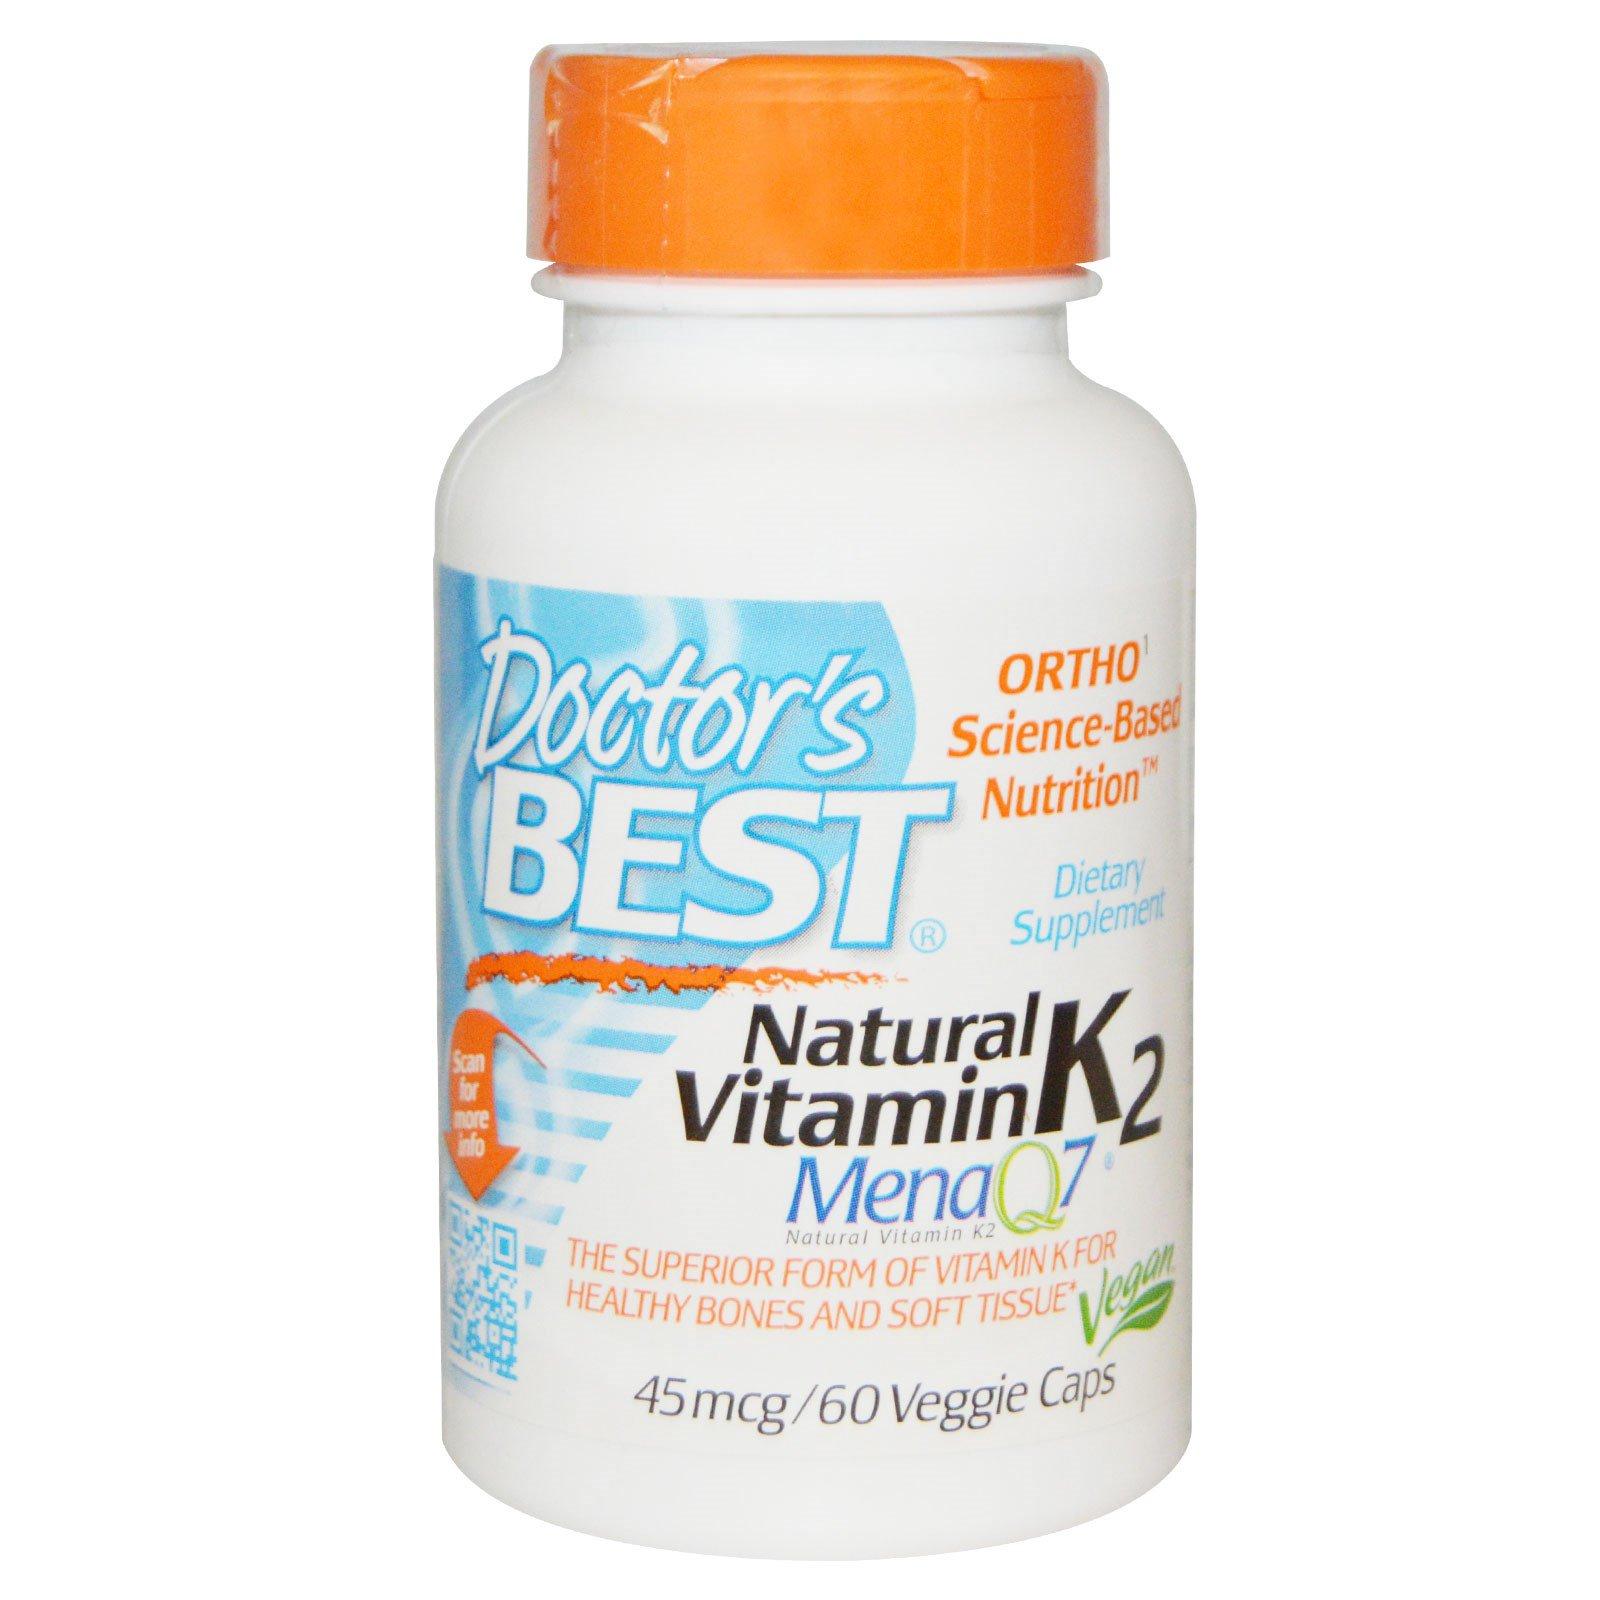 Doctor's Best, Натуральный витамин K2, Mena Q7, 45 мкг, 60 растительных капсул